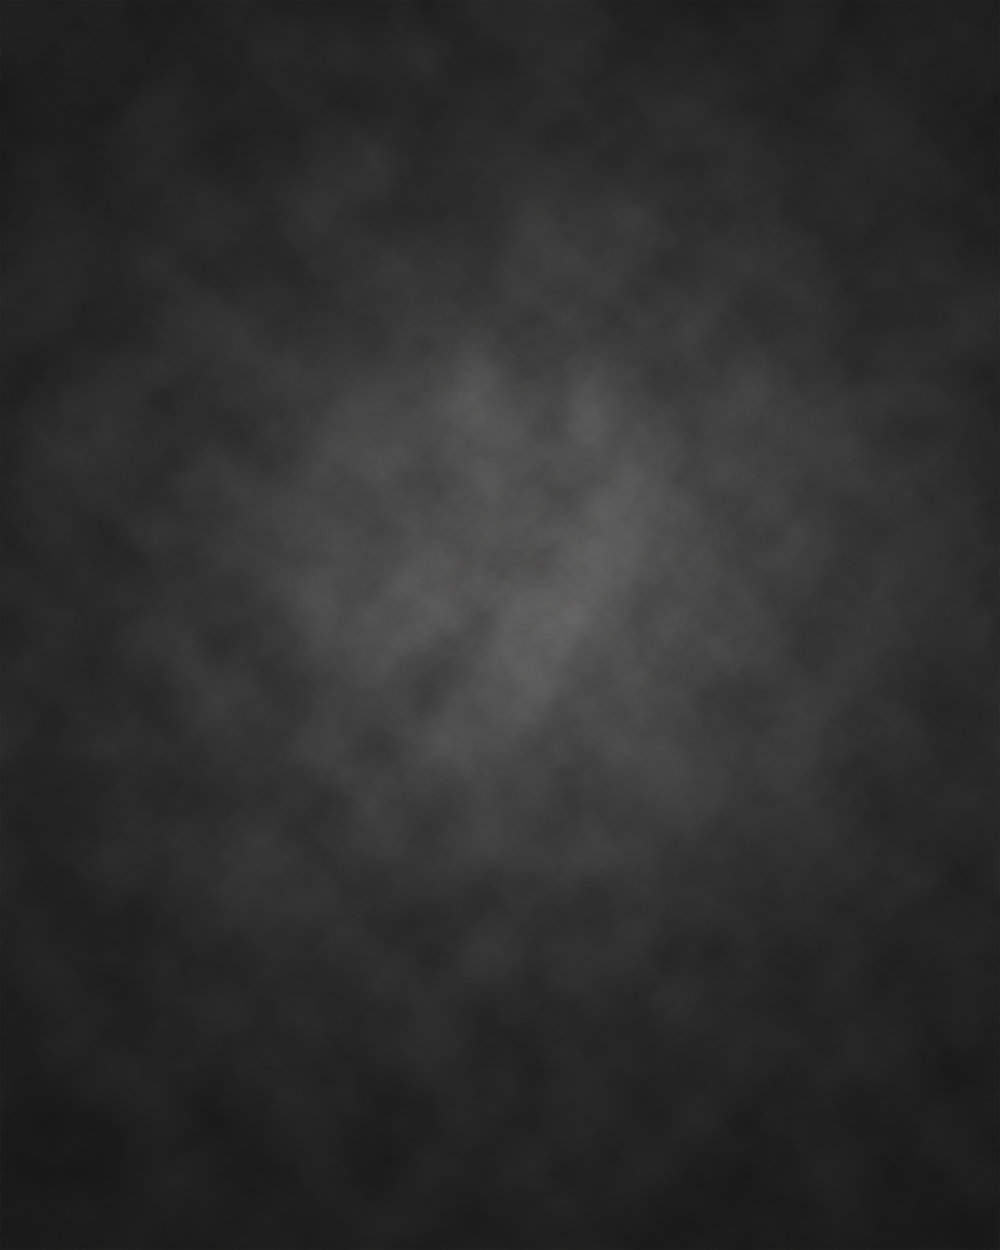 Background Option #5 - Grey